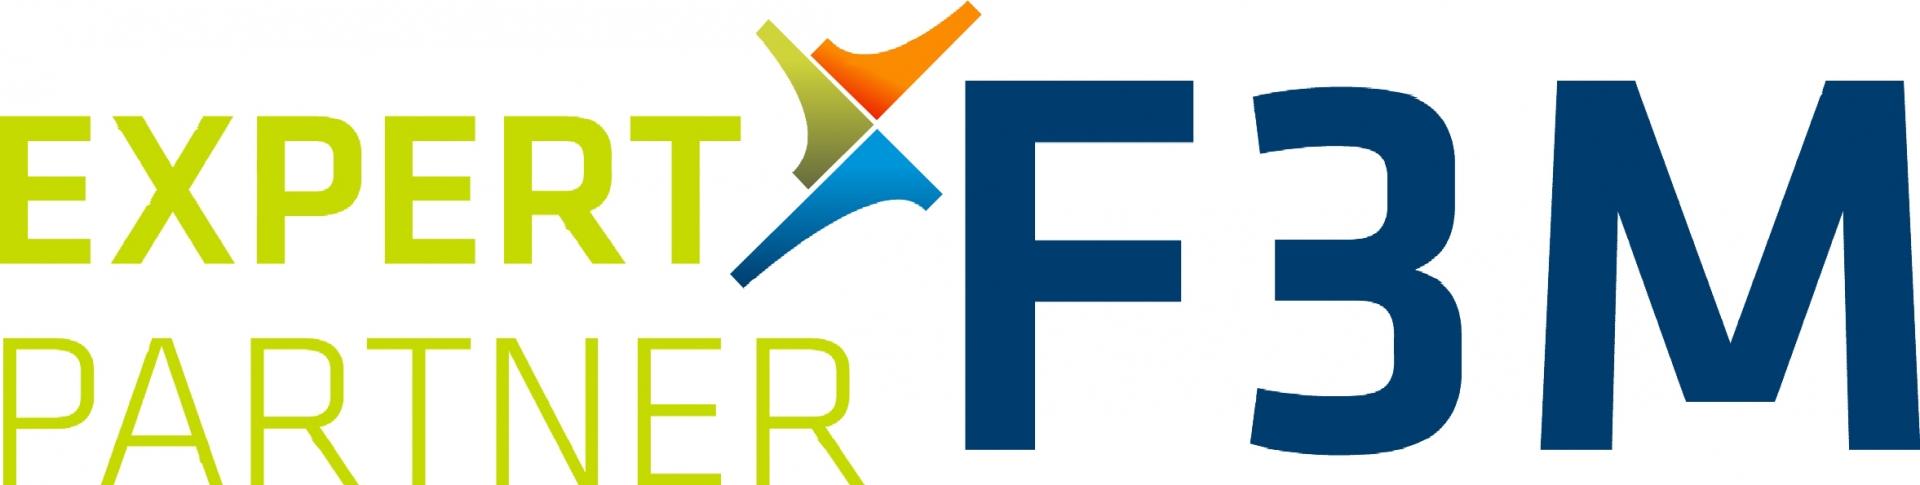 F3M_expert_partner.jpg